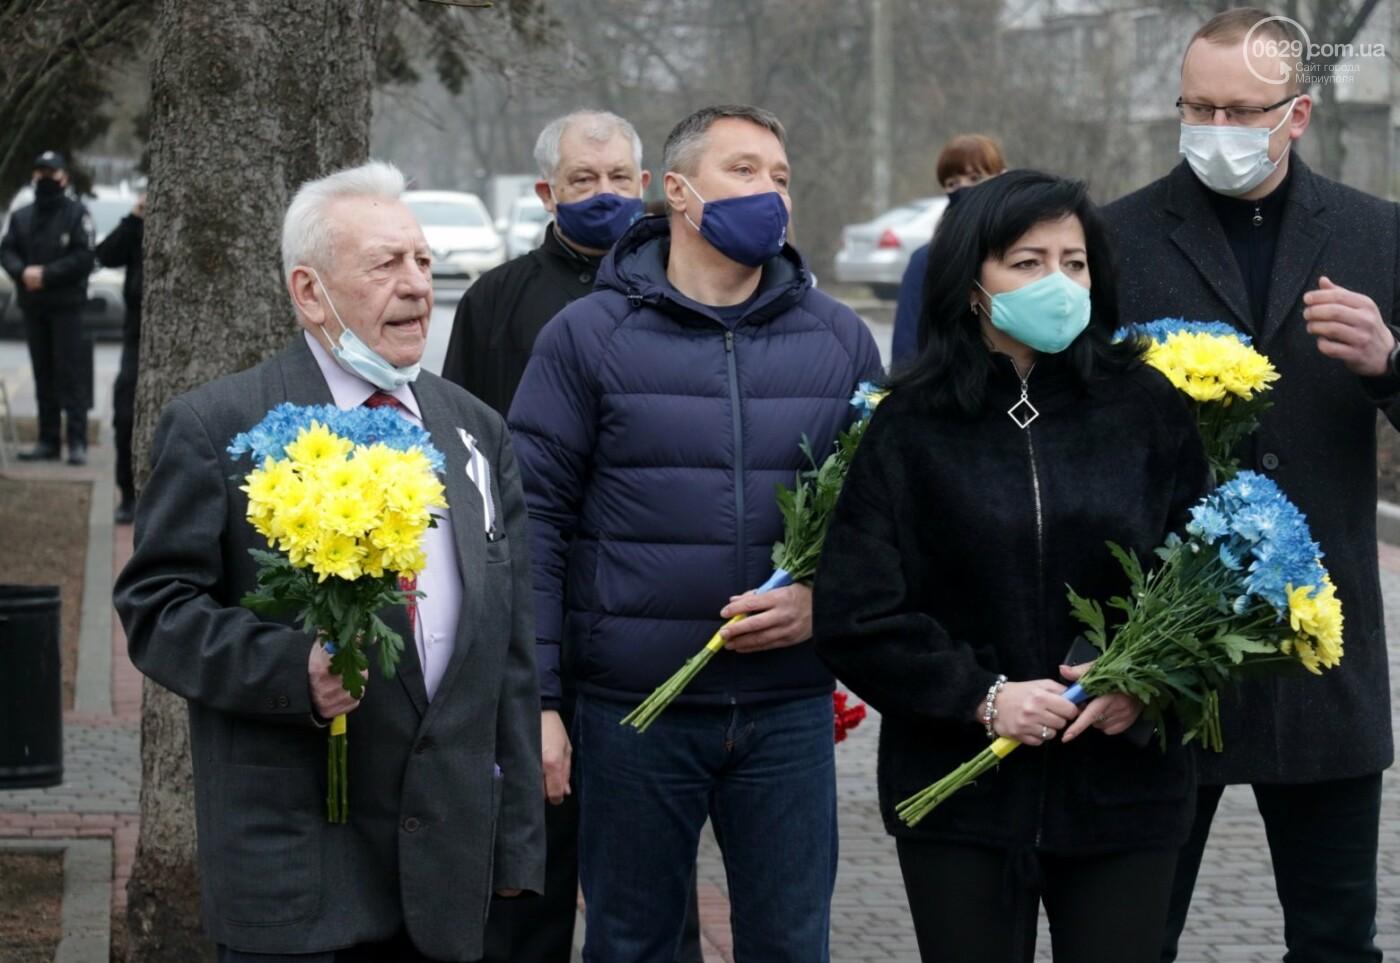 «Выкупили за 3 рейхсмарки». В Мариуполе возложили цветы в память об узниках фашистских концлагерей, - ФОТО, фото-5